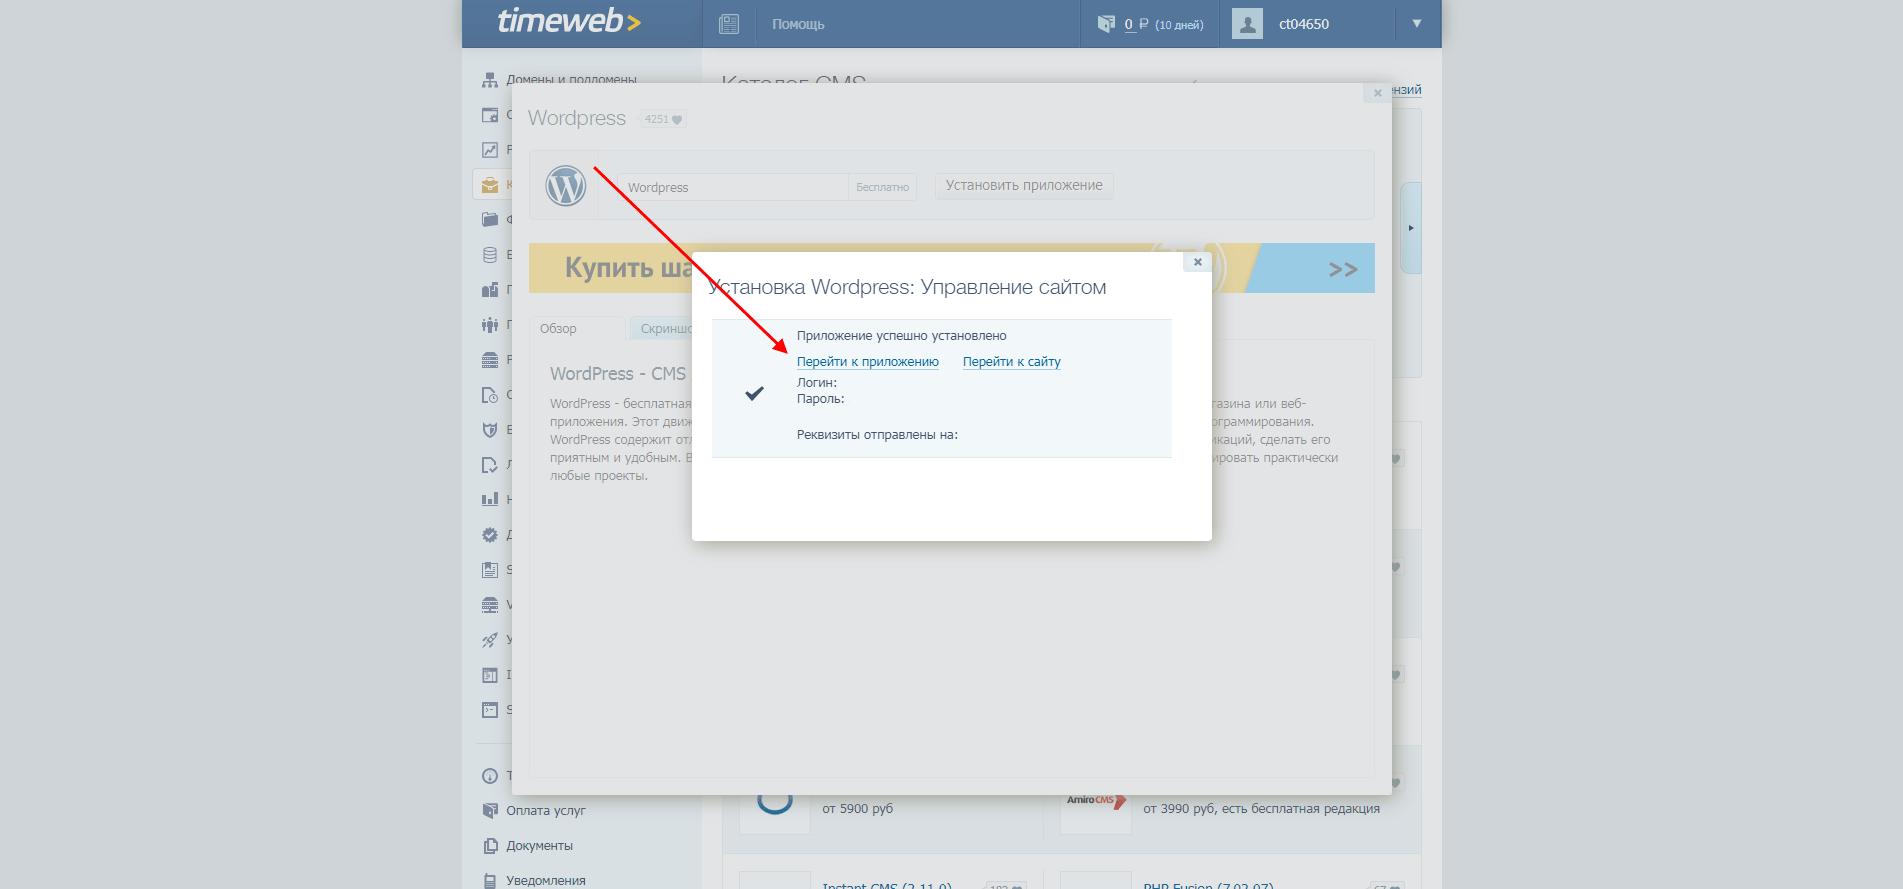 Cara membuka pos admin WordPress setelah instalasi